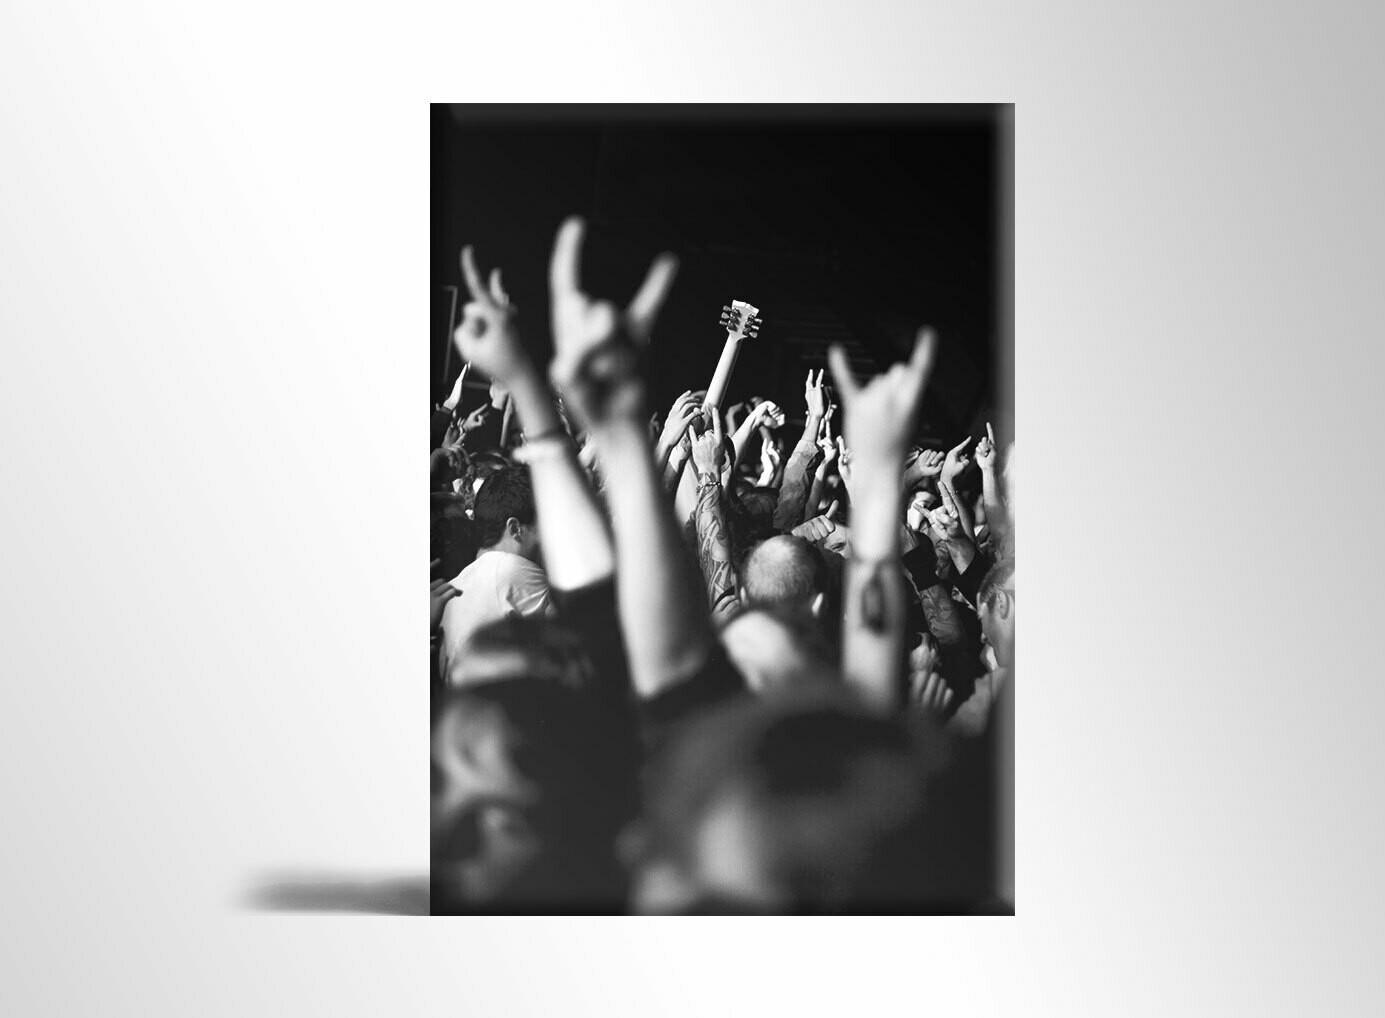 MASS HYSTERIA - Tournée Failles 2011 - Édition limitée